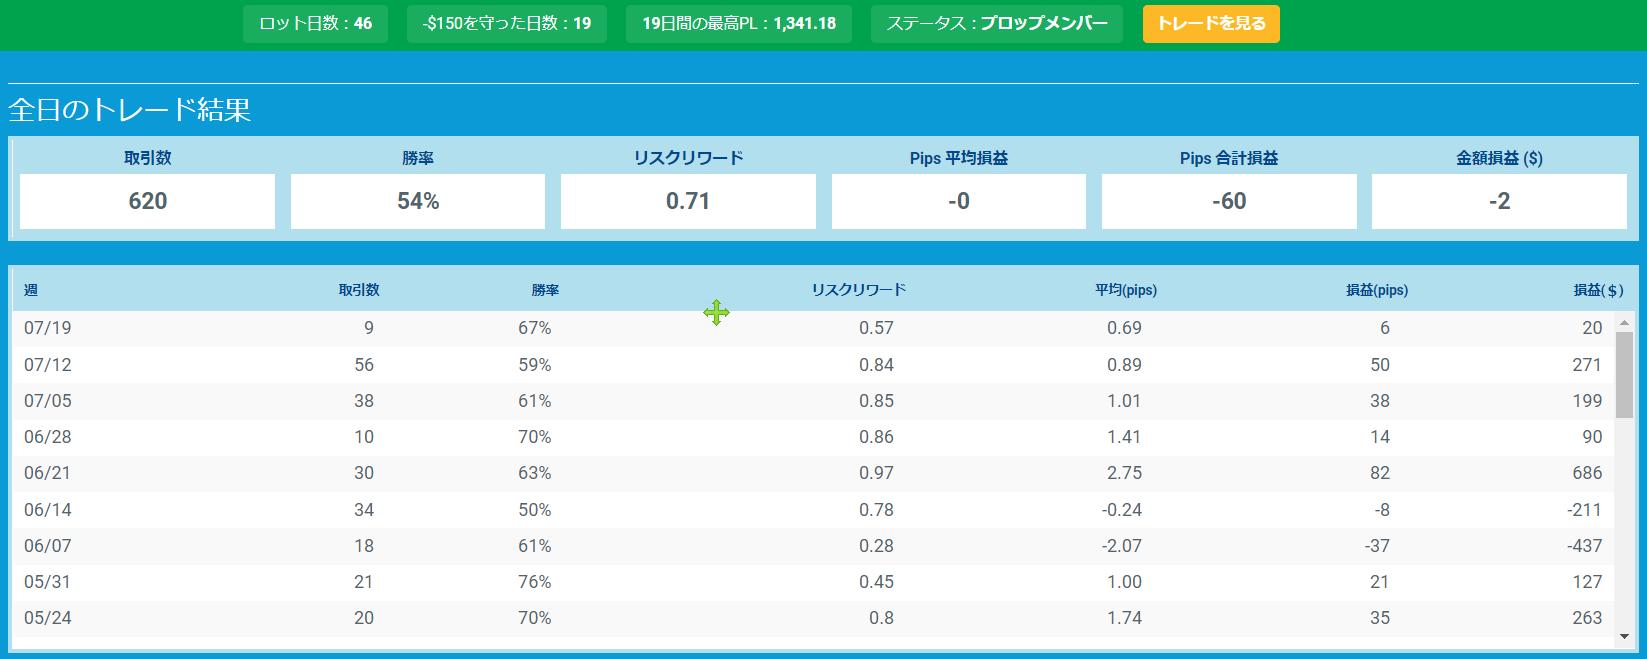 プロップトレーダーチャートMakoto3